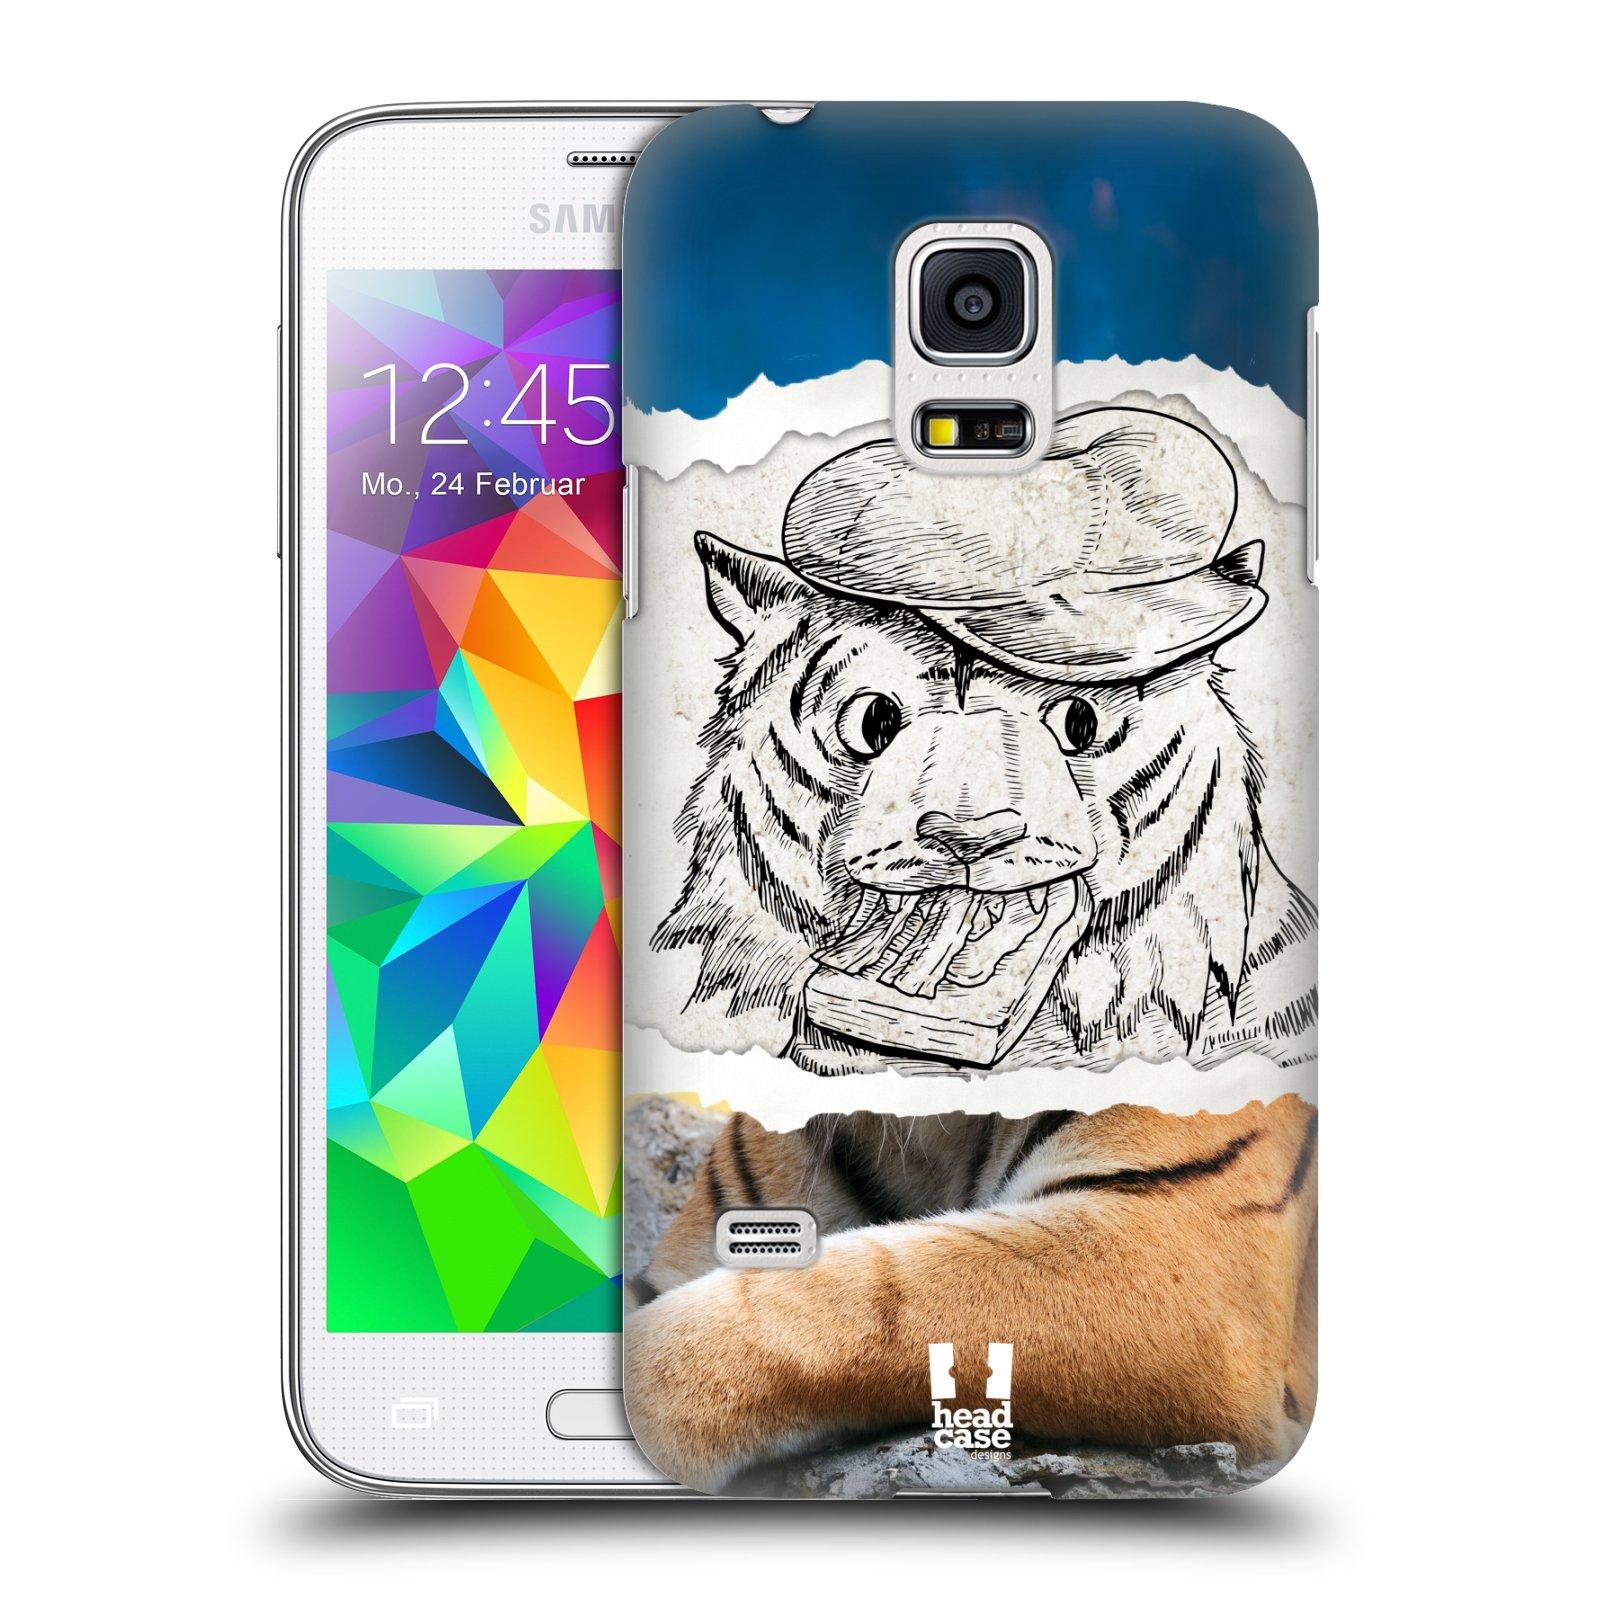 HEAD CASE plastový obal na mobil SAMSUNG Galaxy S5 MINI / S5 MINI DUOS vzor zvířata koláž tygr fešák